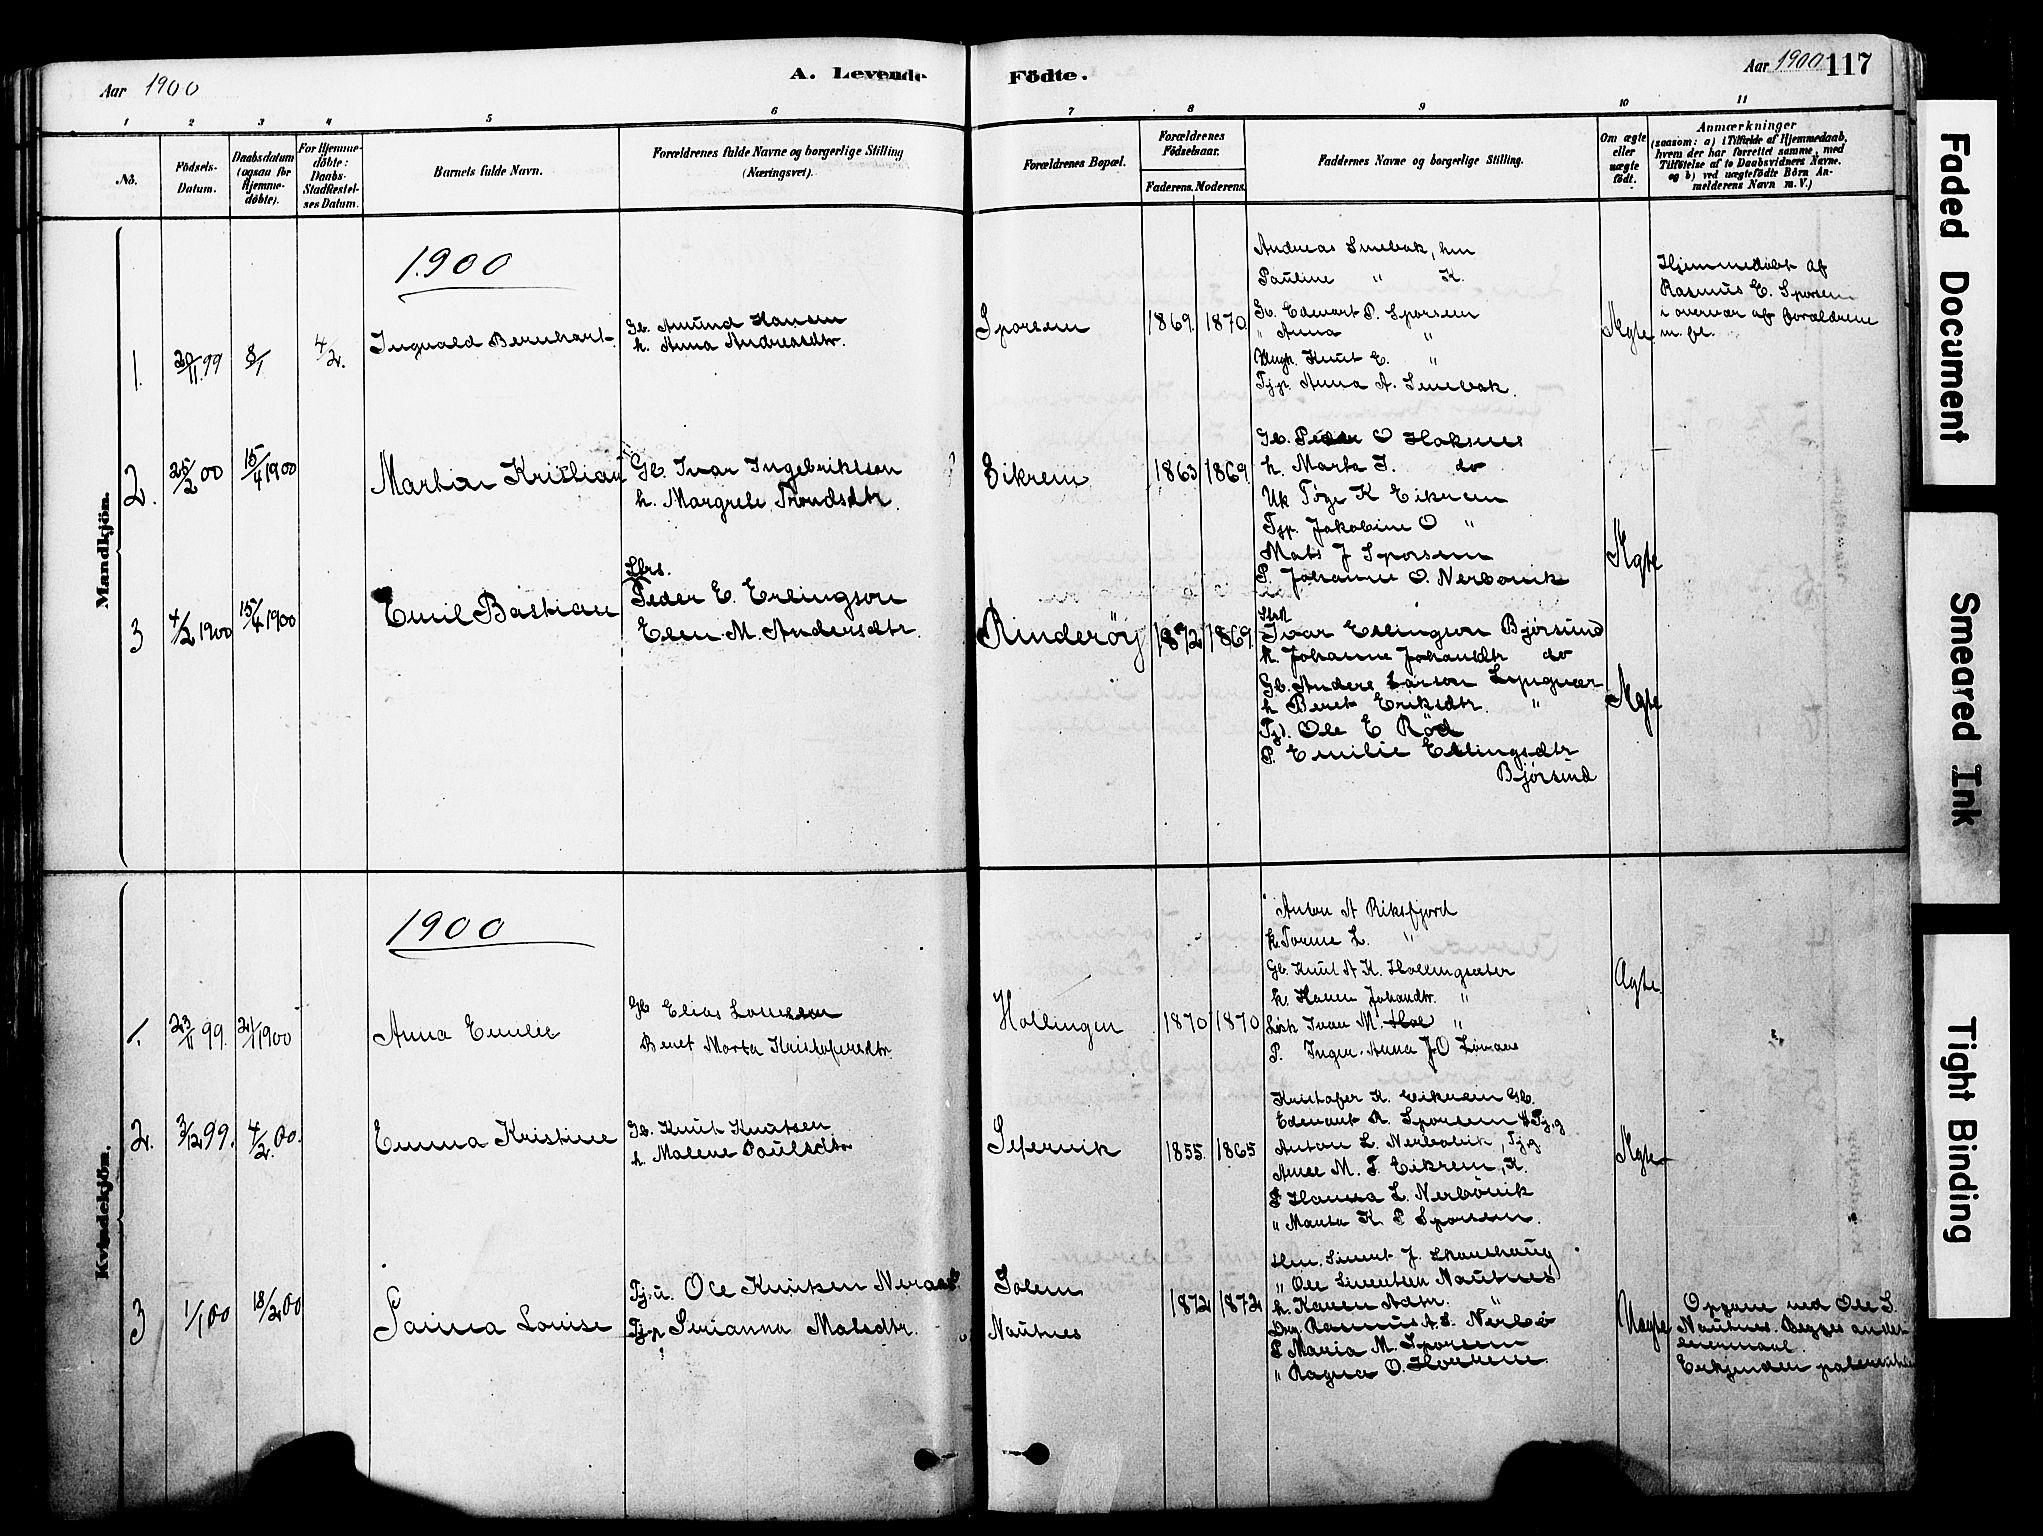 SAT, Ministerialprotokoller, klokkerbøker og fødselsregistre - Møre og Romsdal, 560/L0721: Ministerialbok nr. 560A05, 1878-1917, s. 117